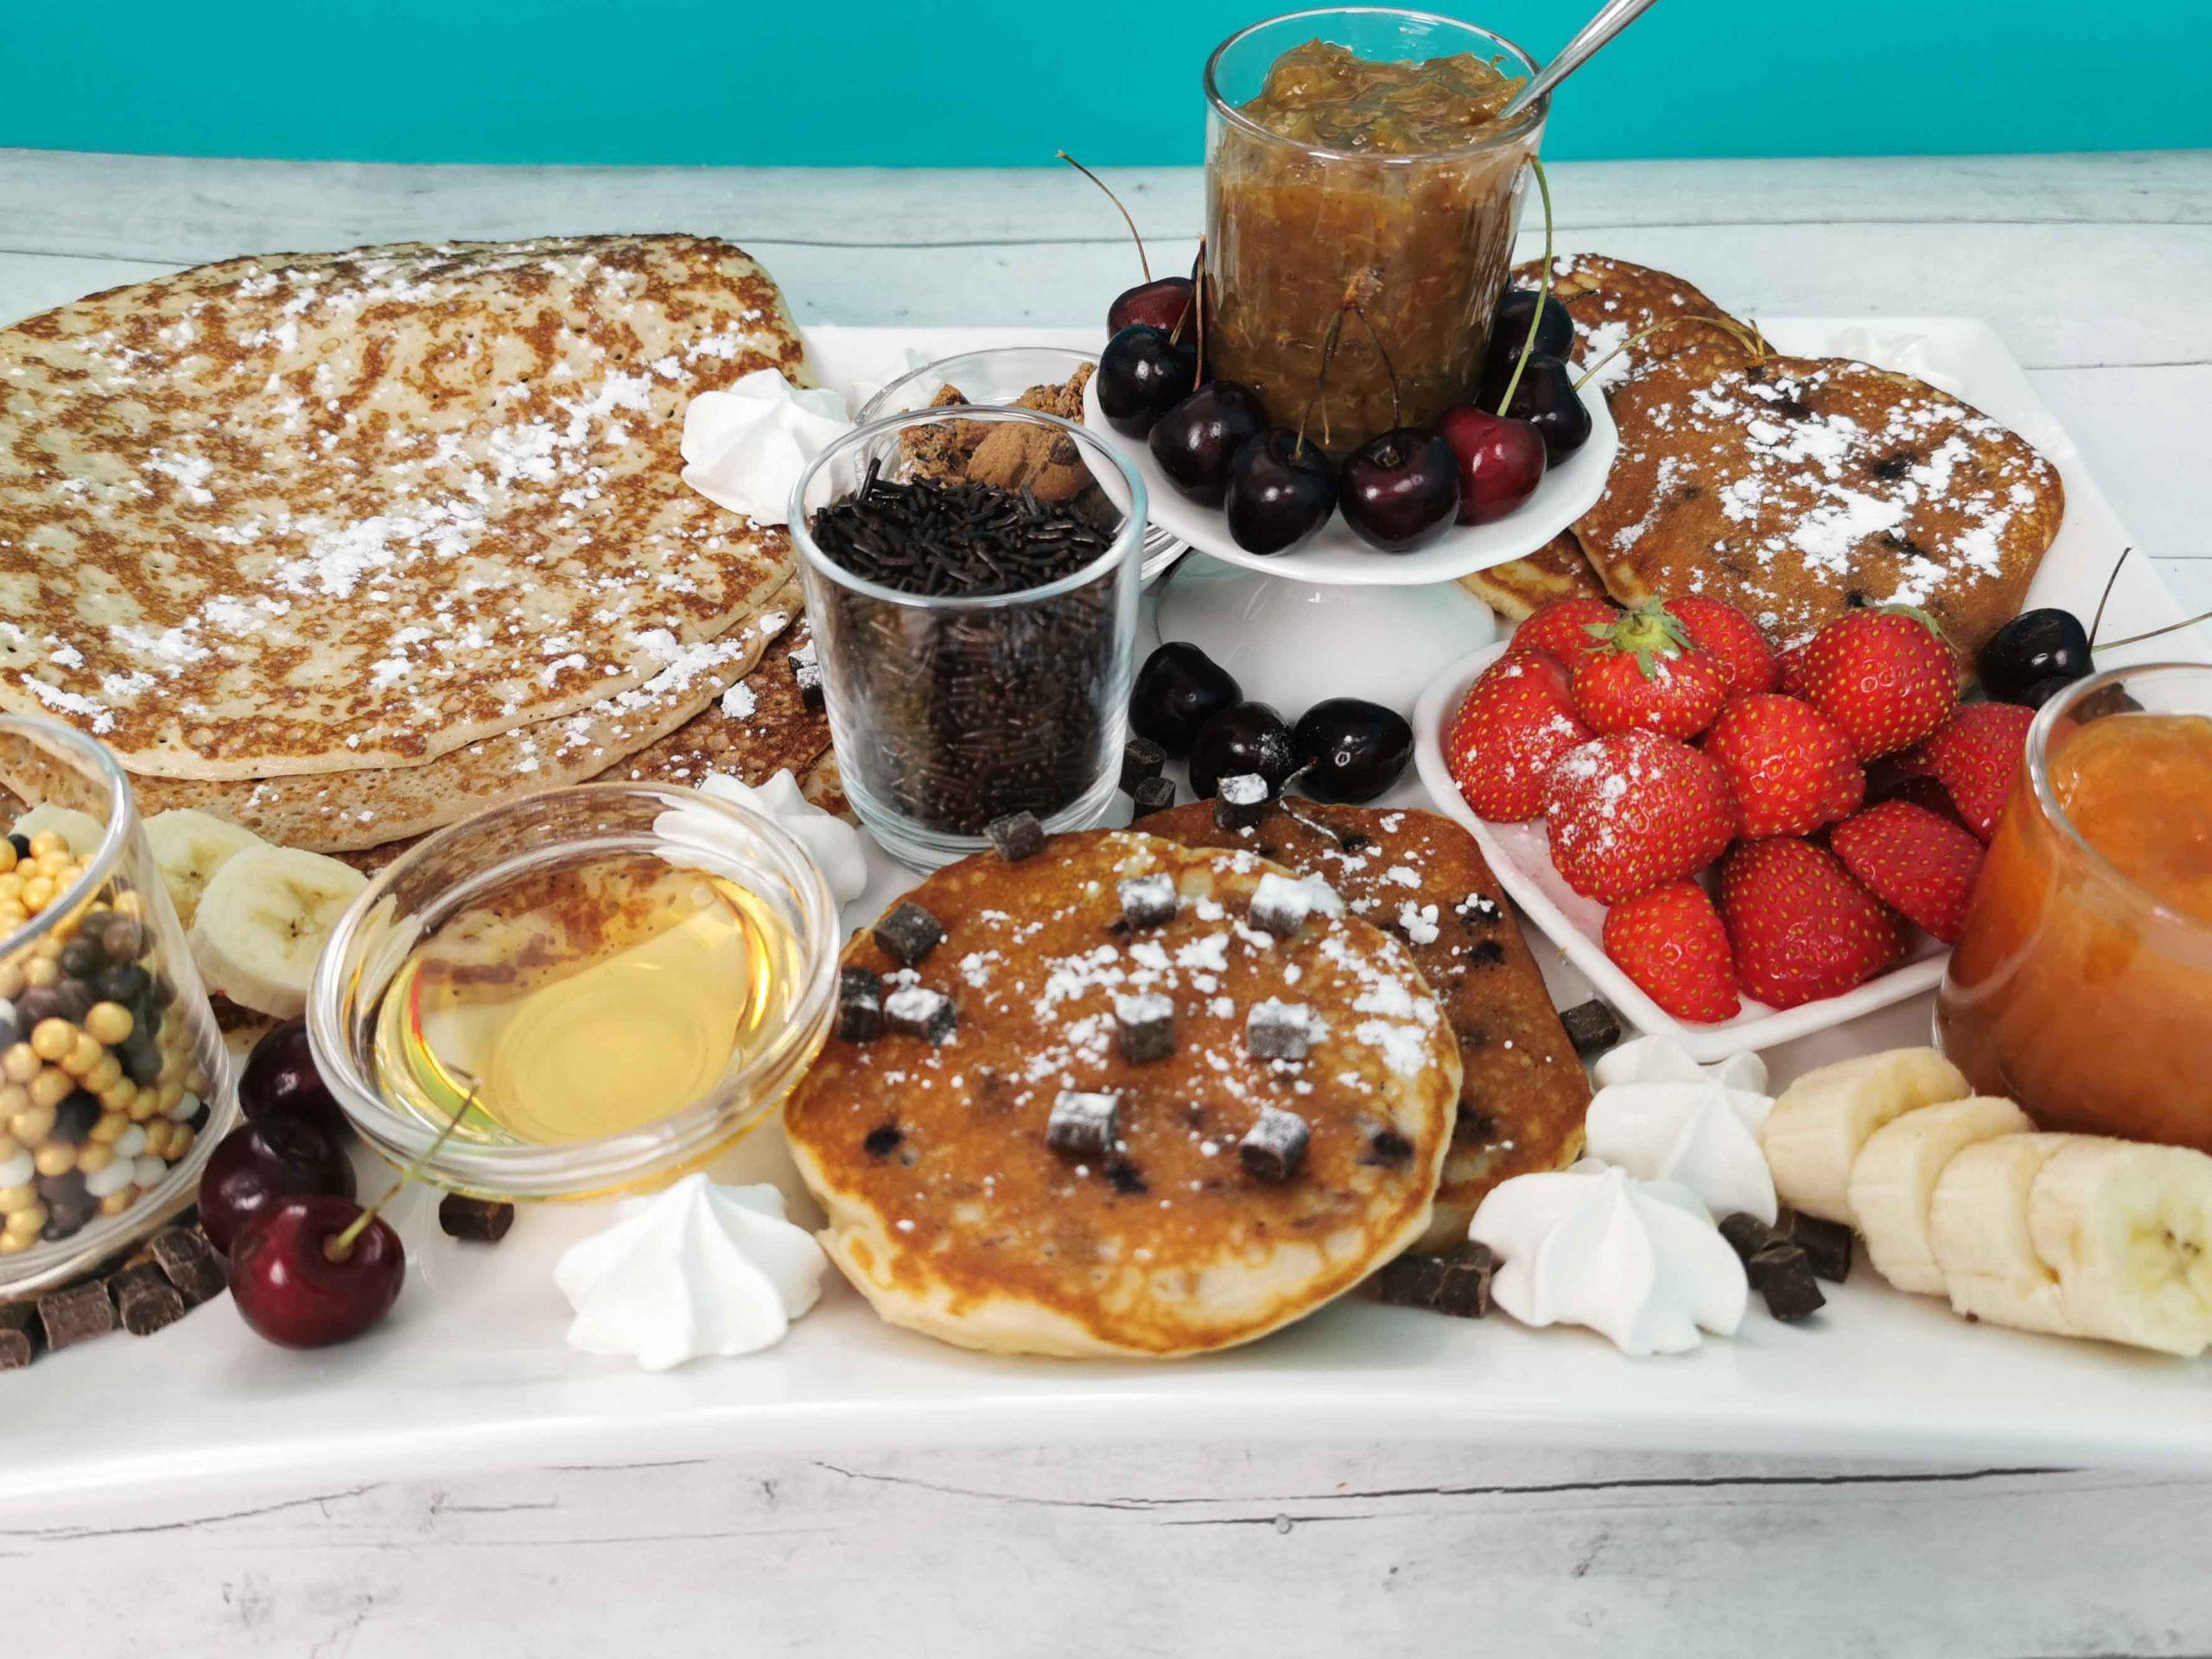 een schaal met pannenkoeken, jam, fruit en zoetigheden